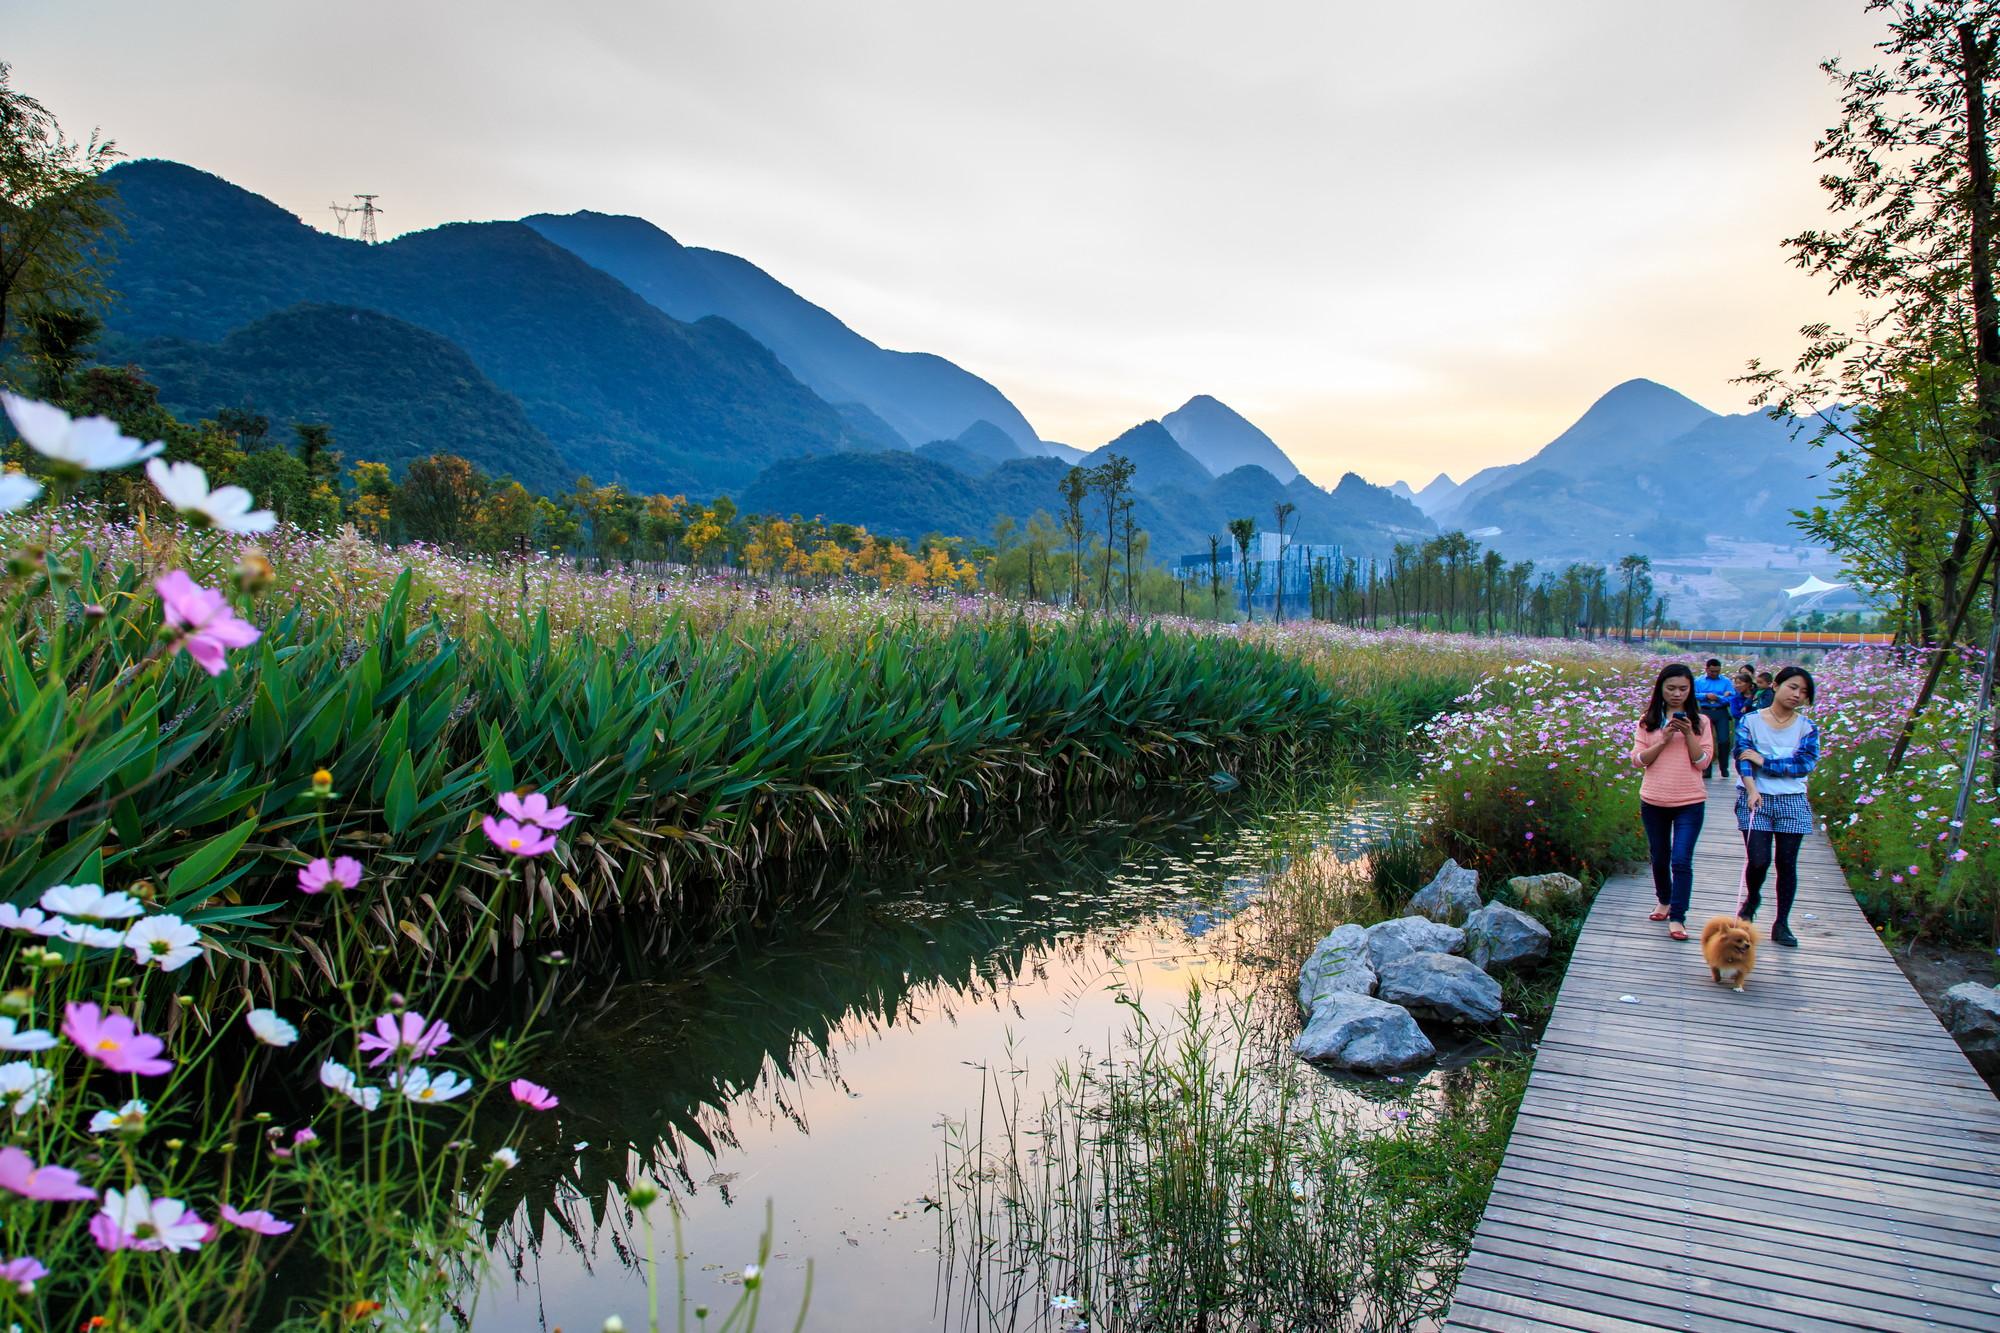 Gallery of Minghu Wetland Park  Turenscape  14